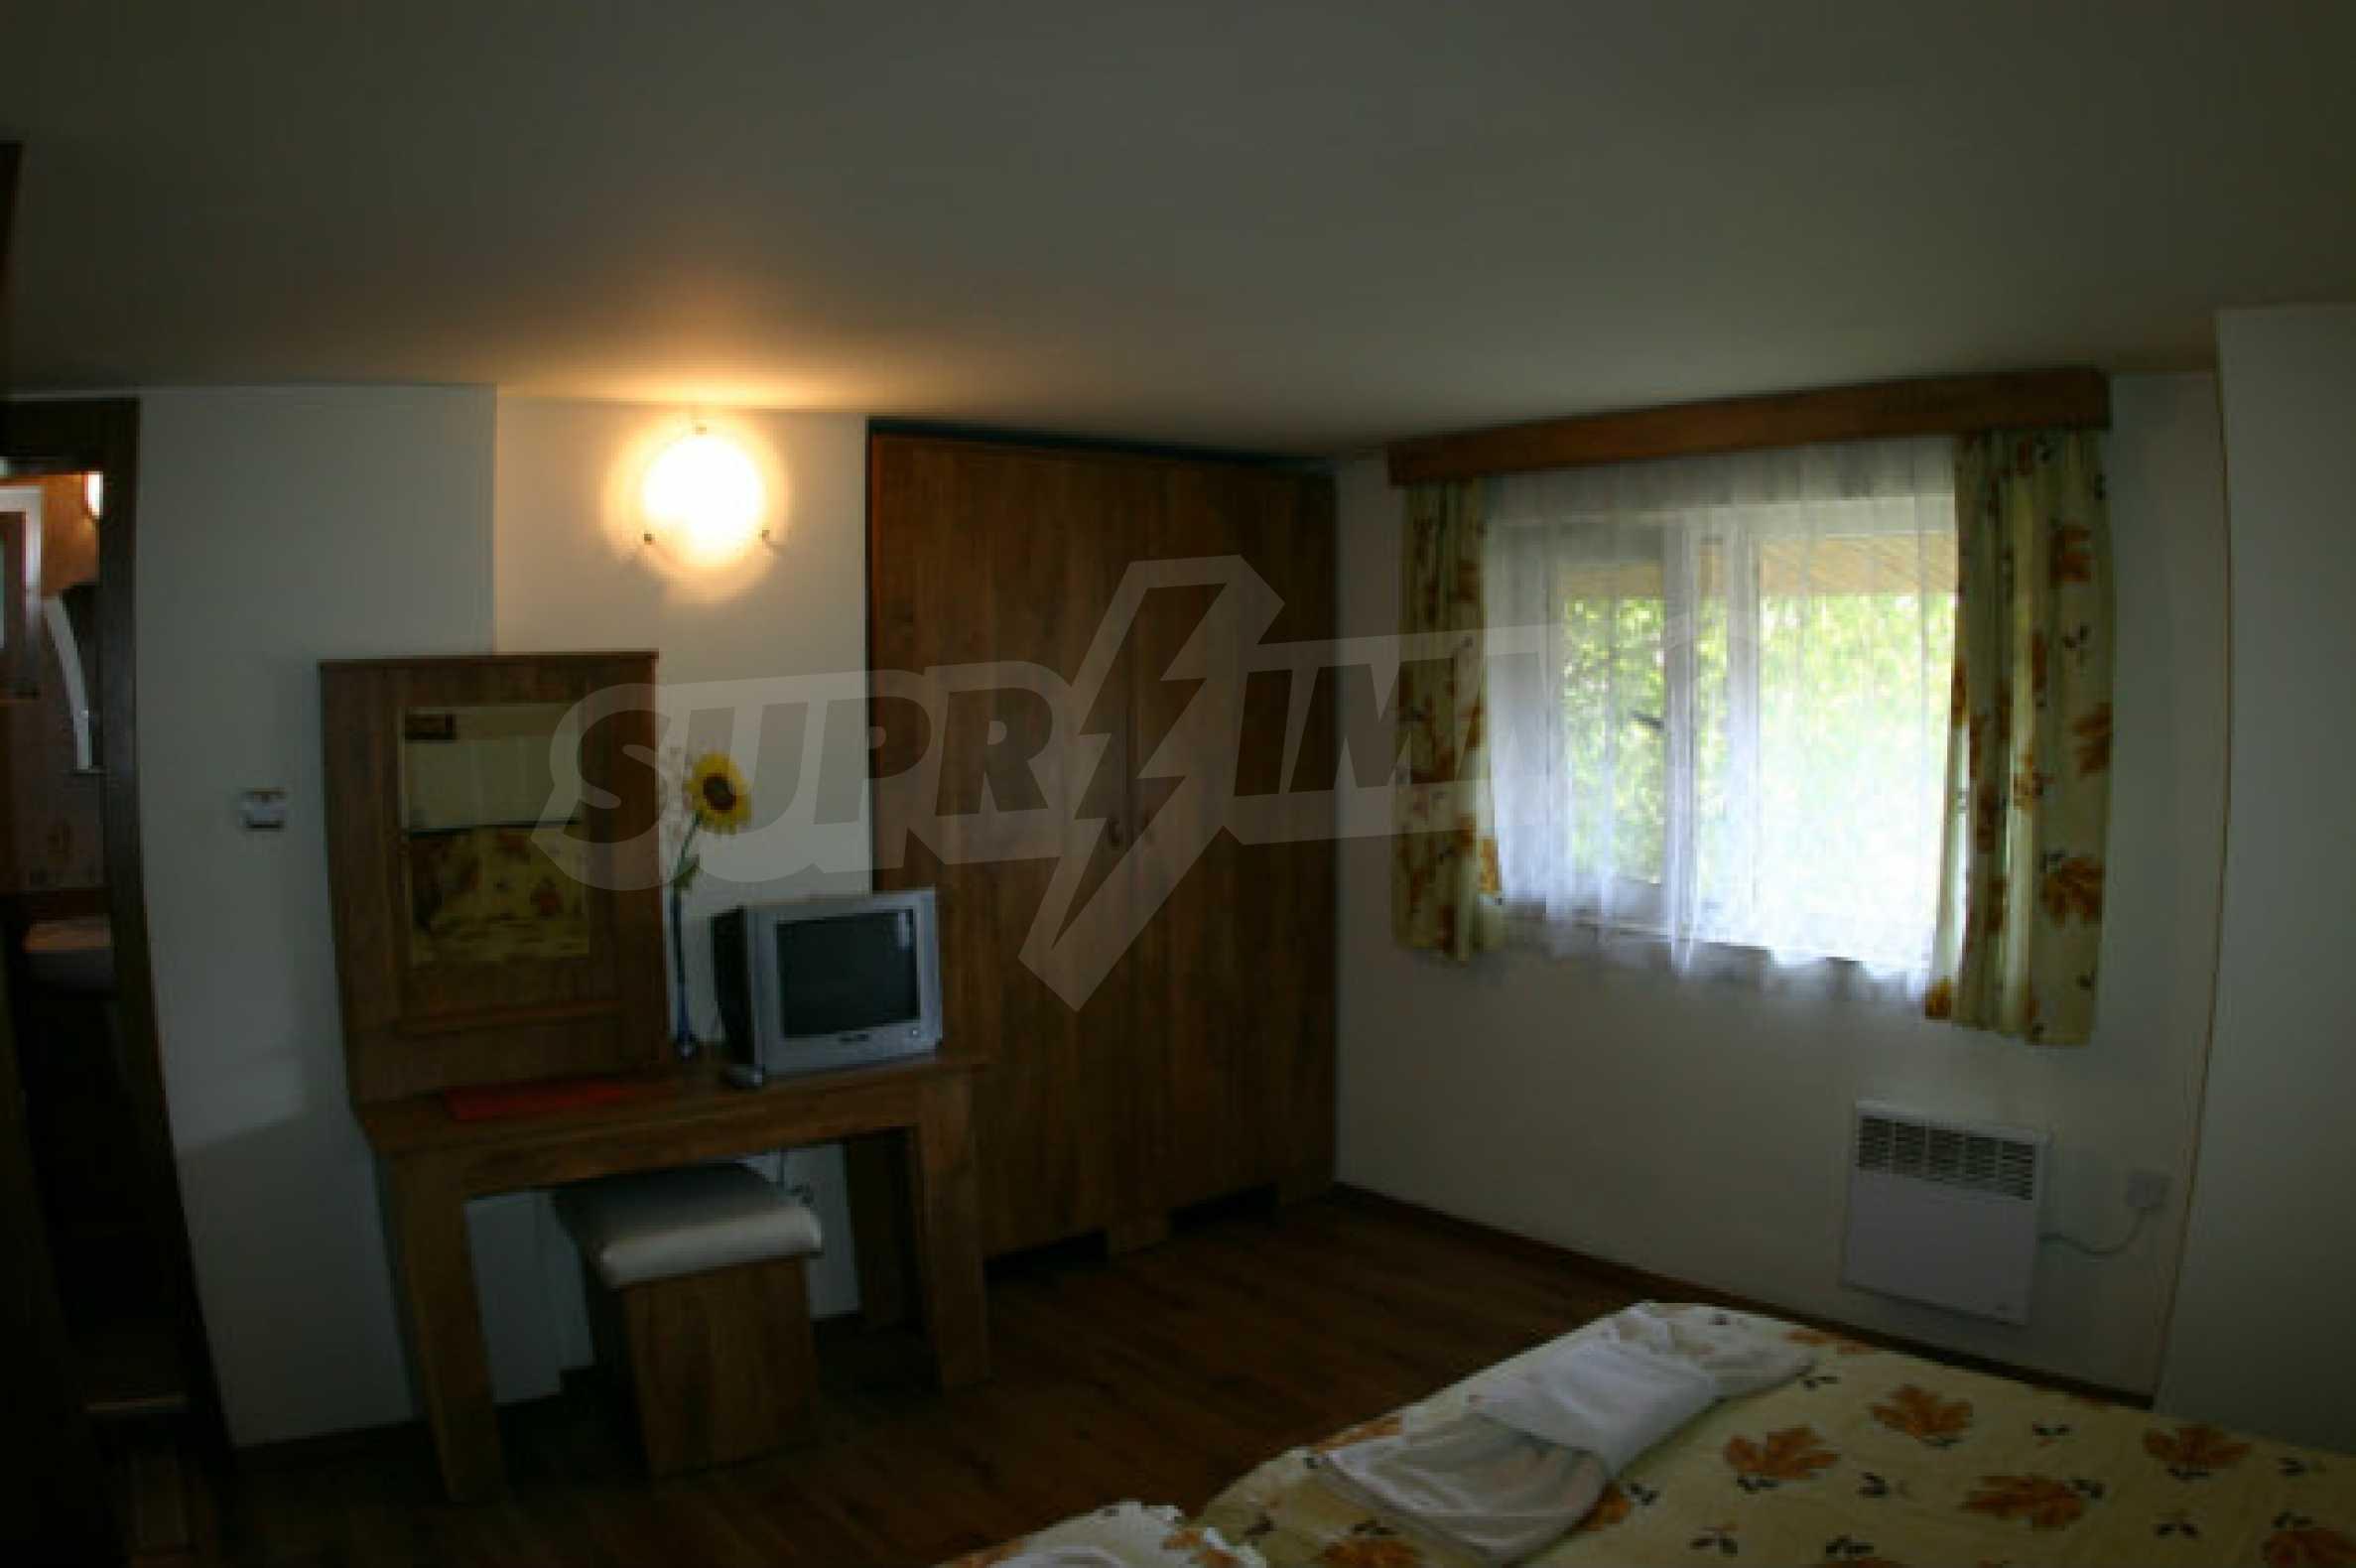 Familienhotel zum Verkauf in Dobrinischte, 6 km von Bansko entfernt 36